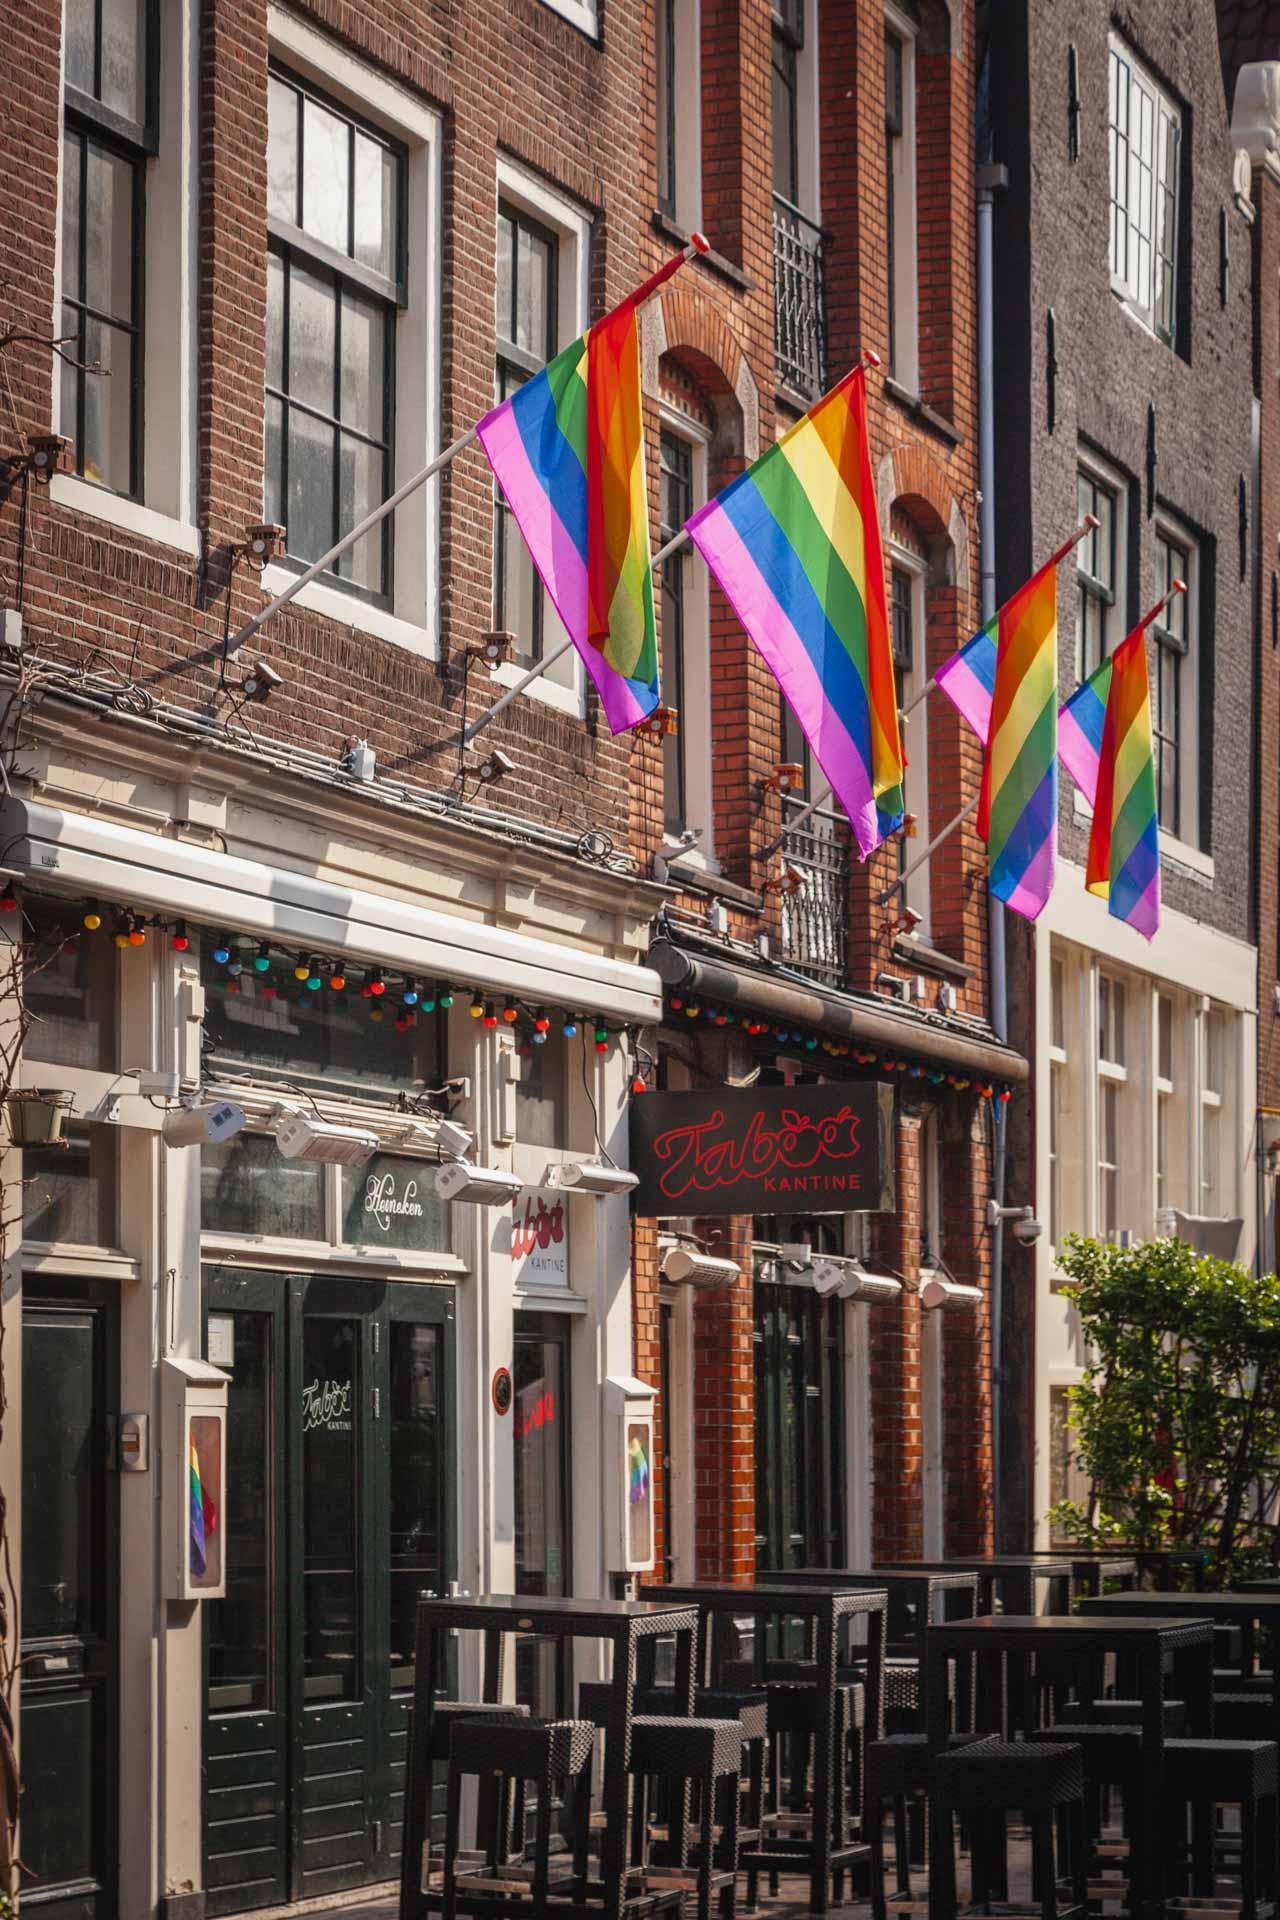 Reguliersdwarsstraat, gay area Amsterdam